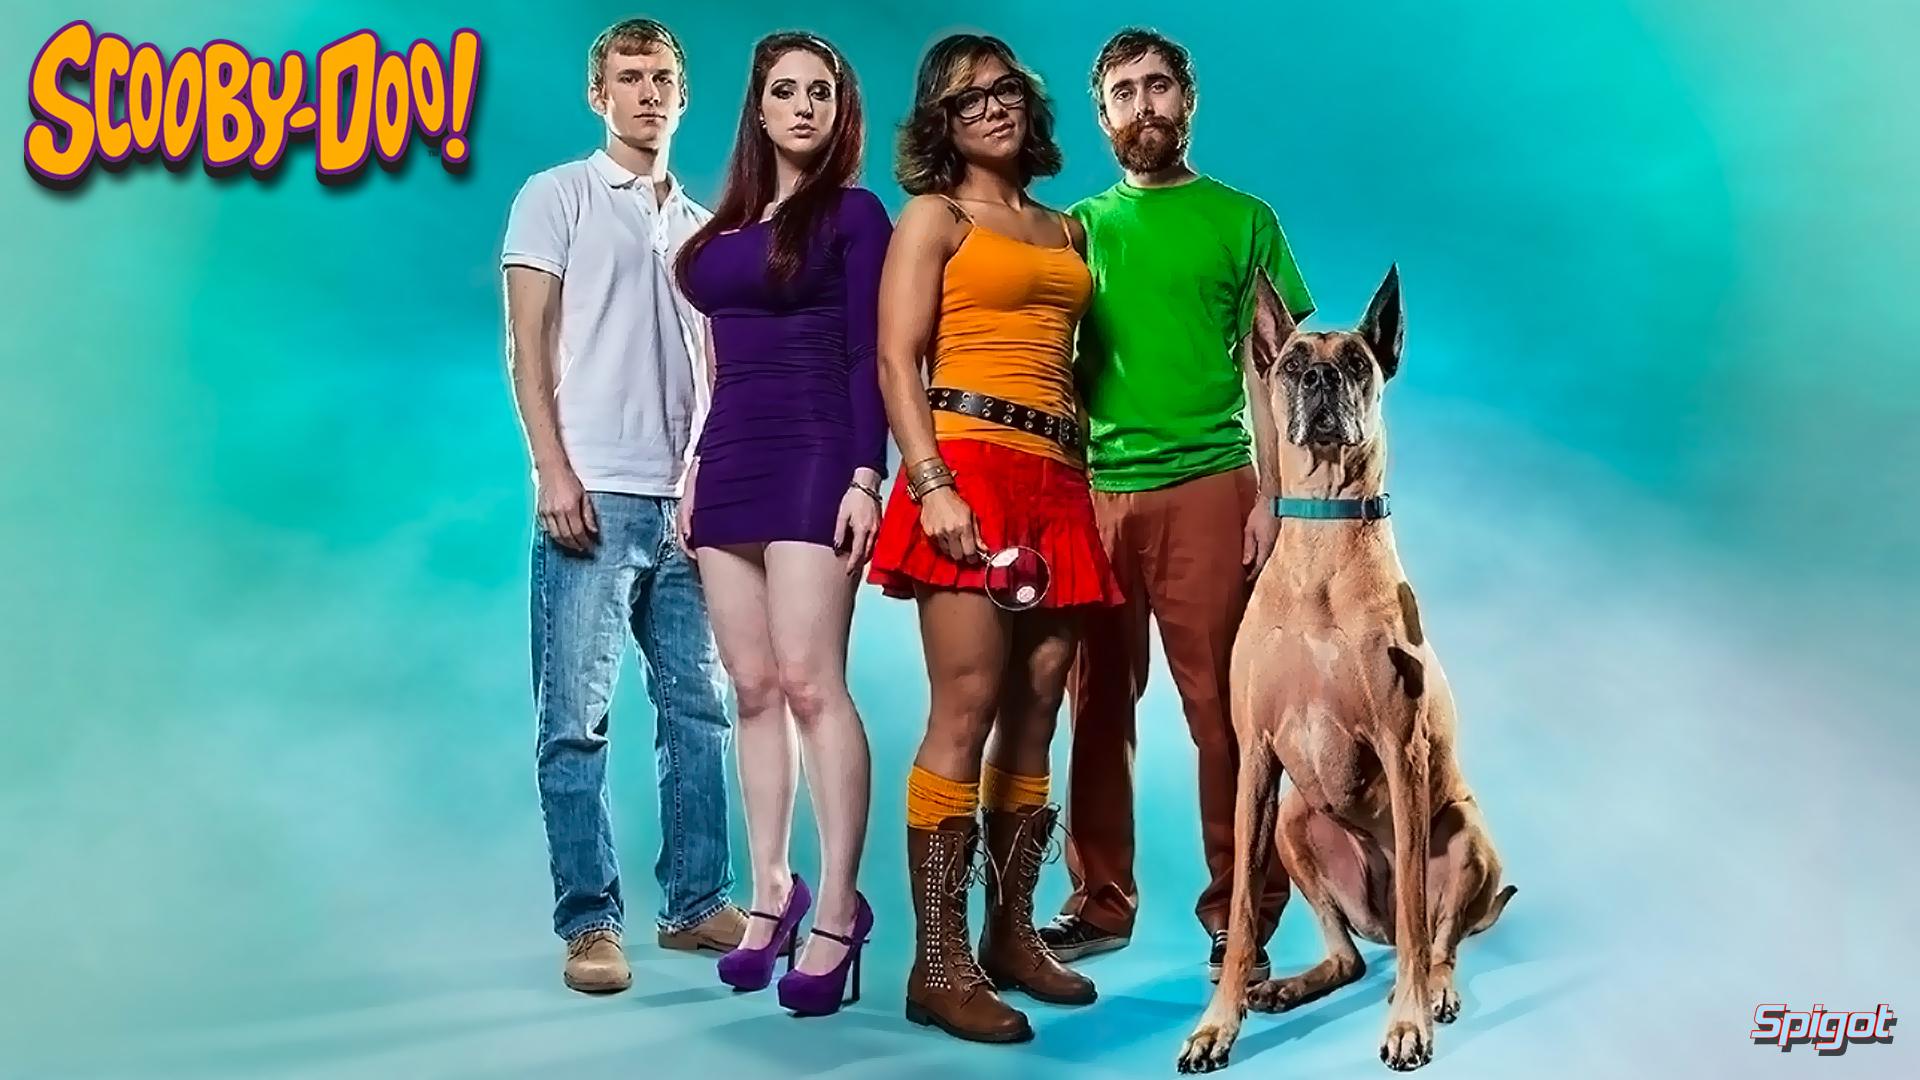 Scooby doo george spigots blog scooby doo 03 voltagebd Images